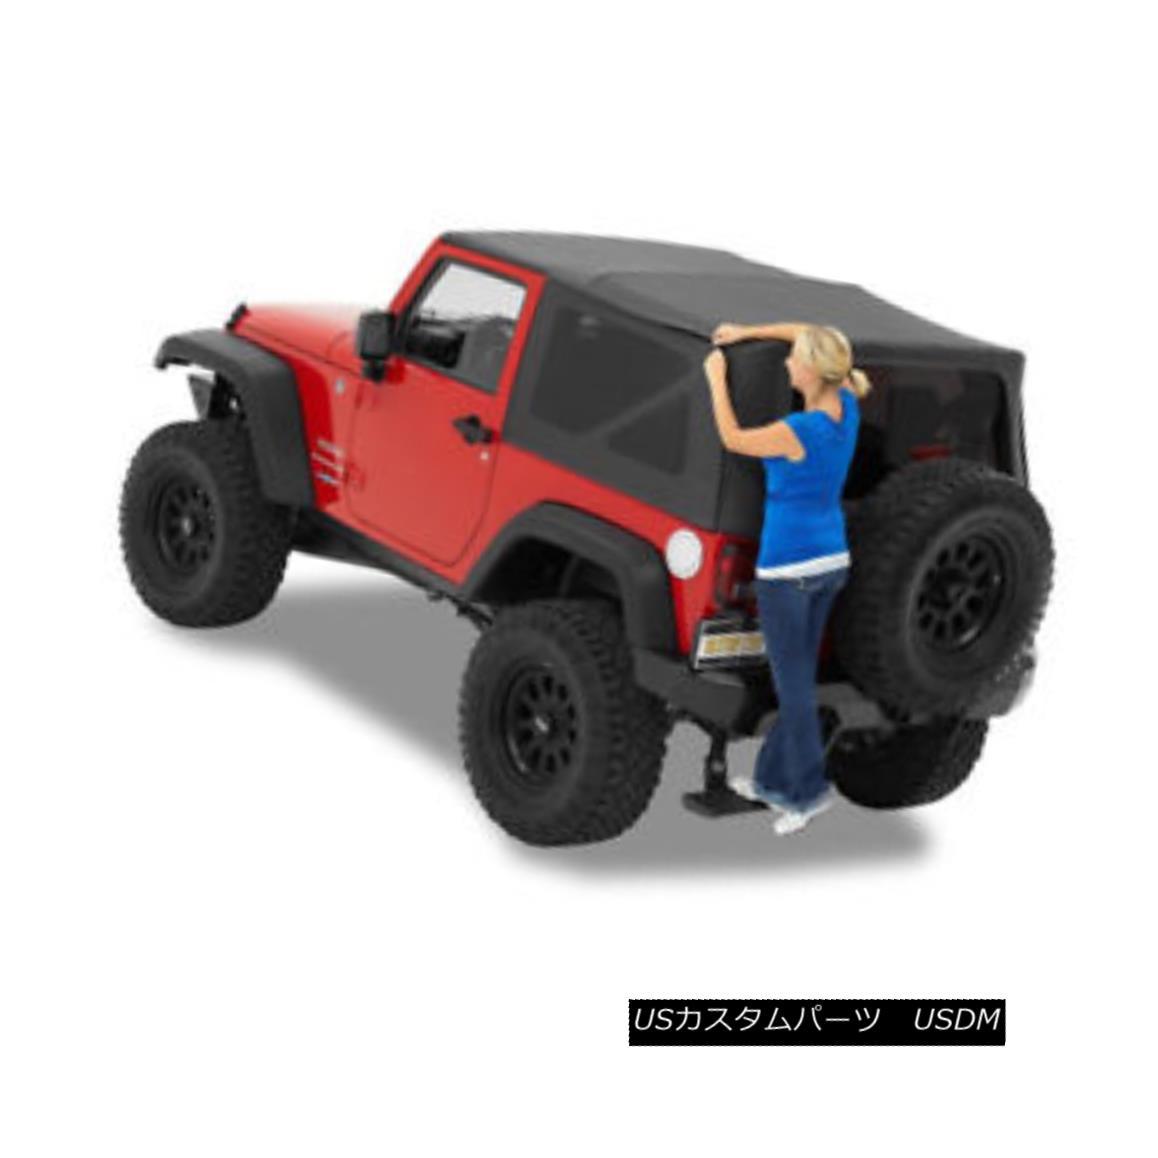 幌・ソフトトップ Bestop 5472235 Wrangler JK Complete Replacement Soft Top Supertop NX Black Diamo Bestop 5472235ラングラーJK完全交換用ソフトトップスーパートップNXブラックダイアモンド